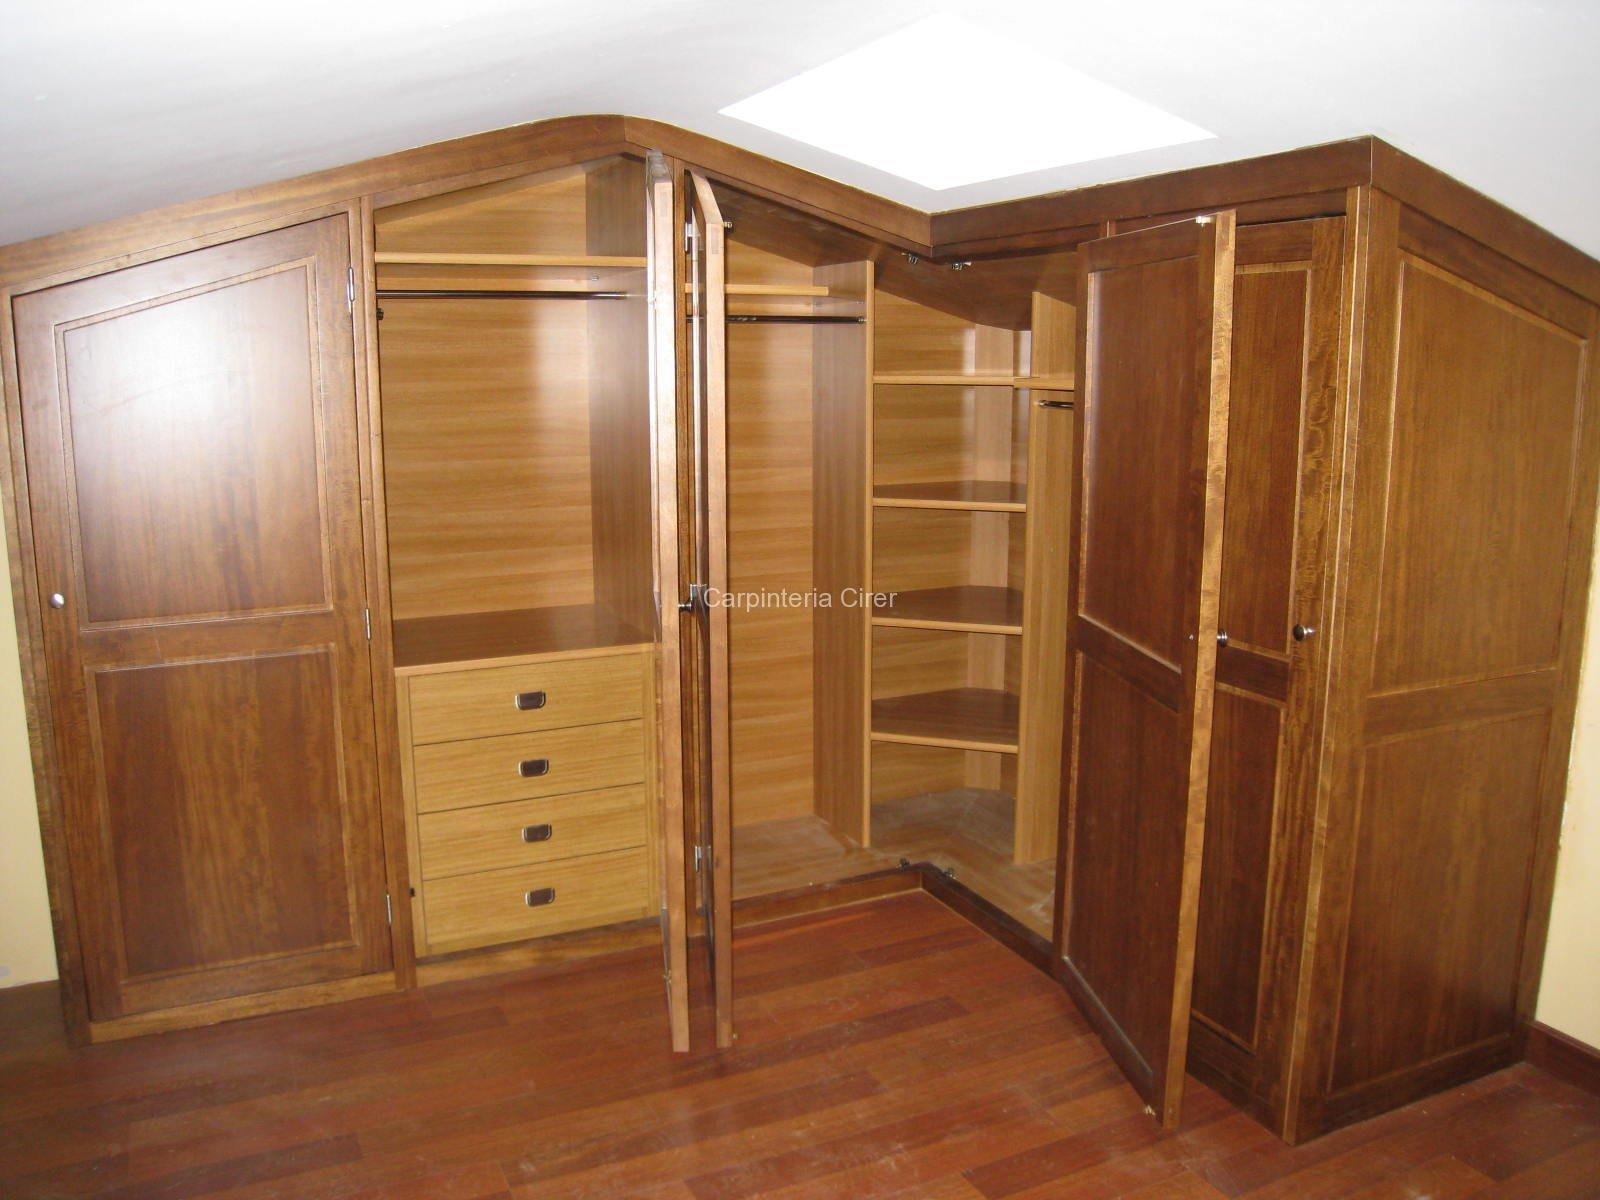 armario cirer